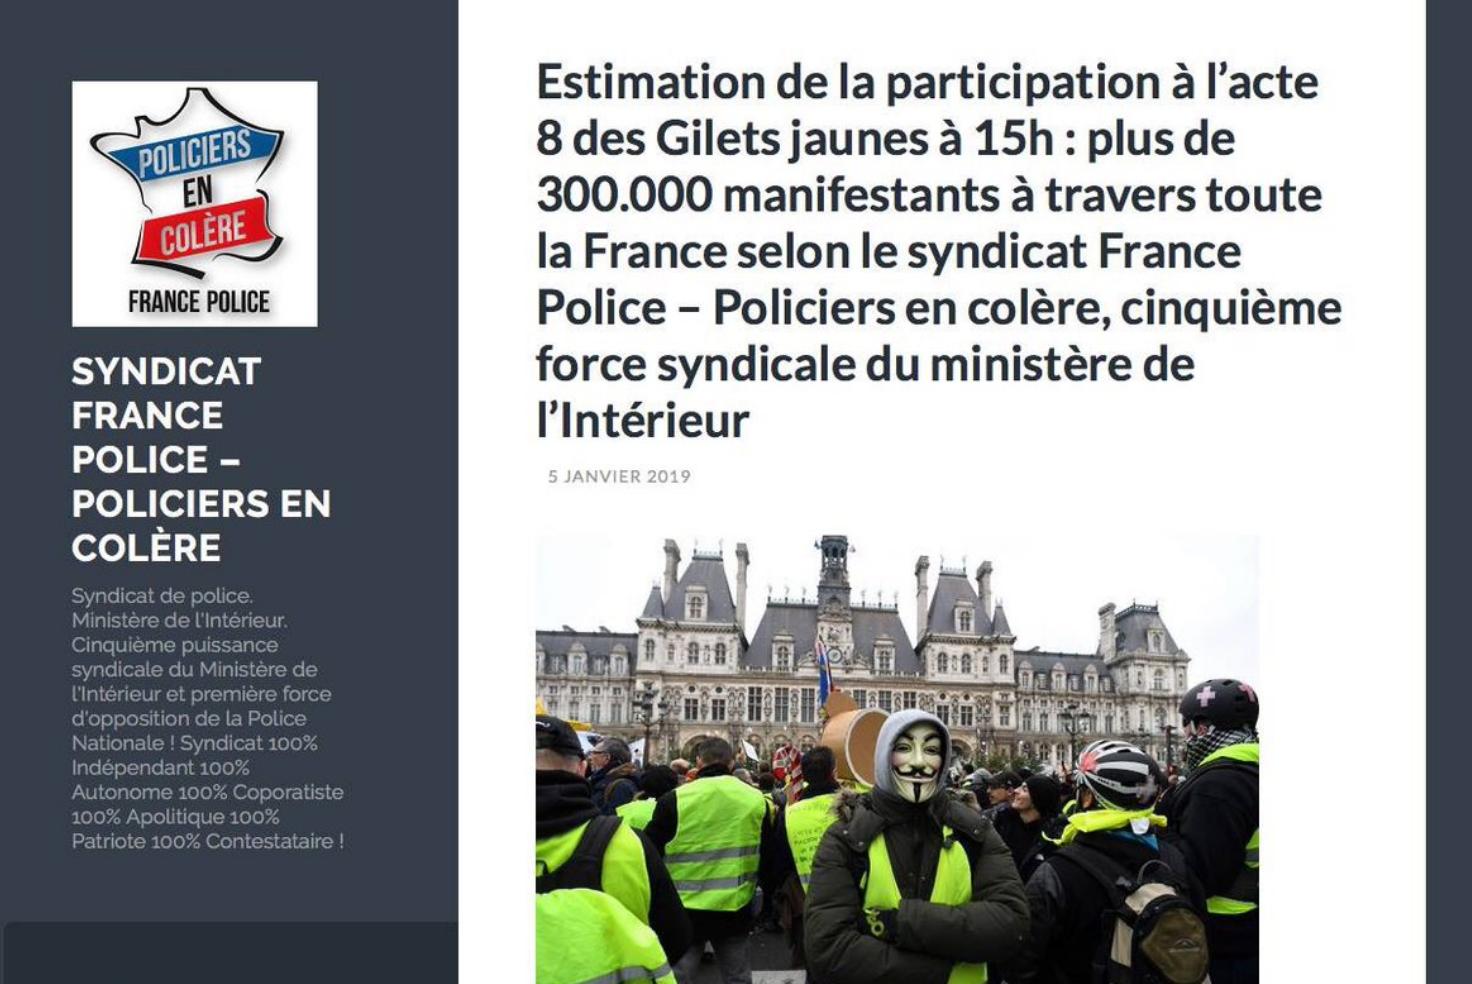 Acte 8 / les vraies estimations policières de la mobilisation populaire : 300 000 Gilets jaunes